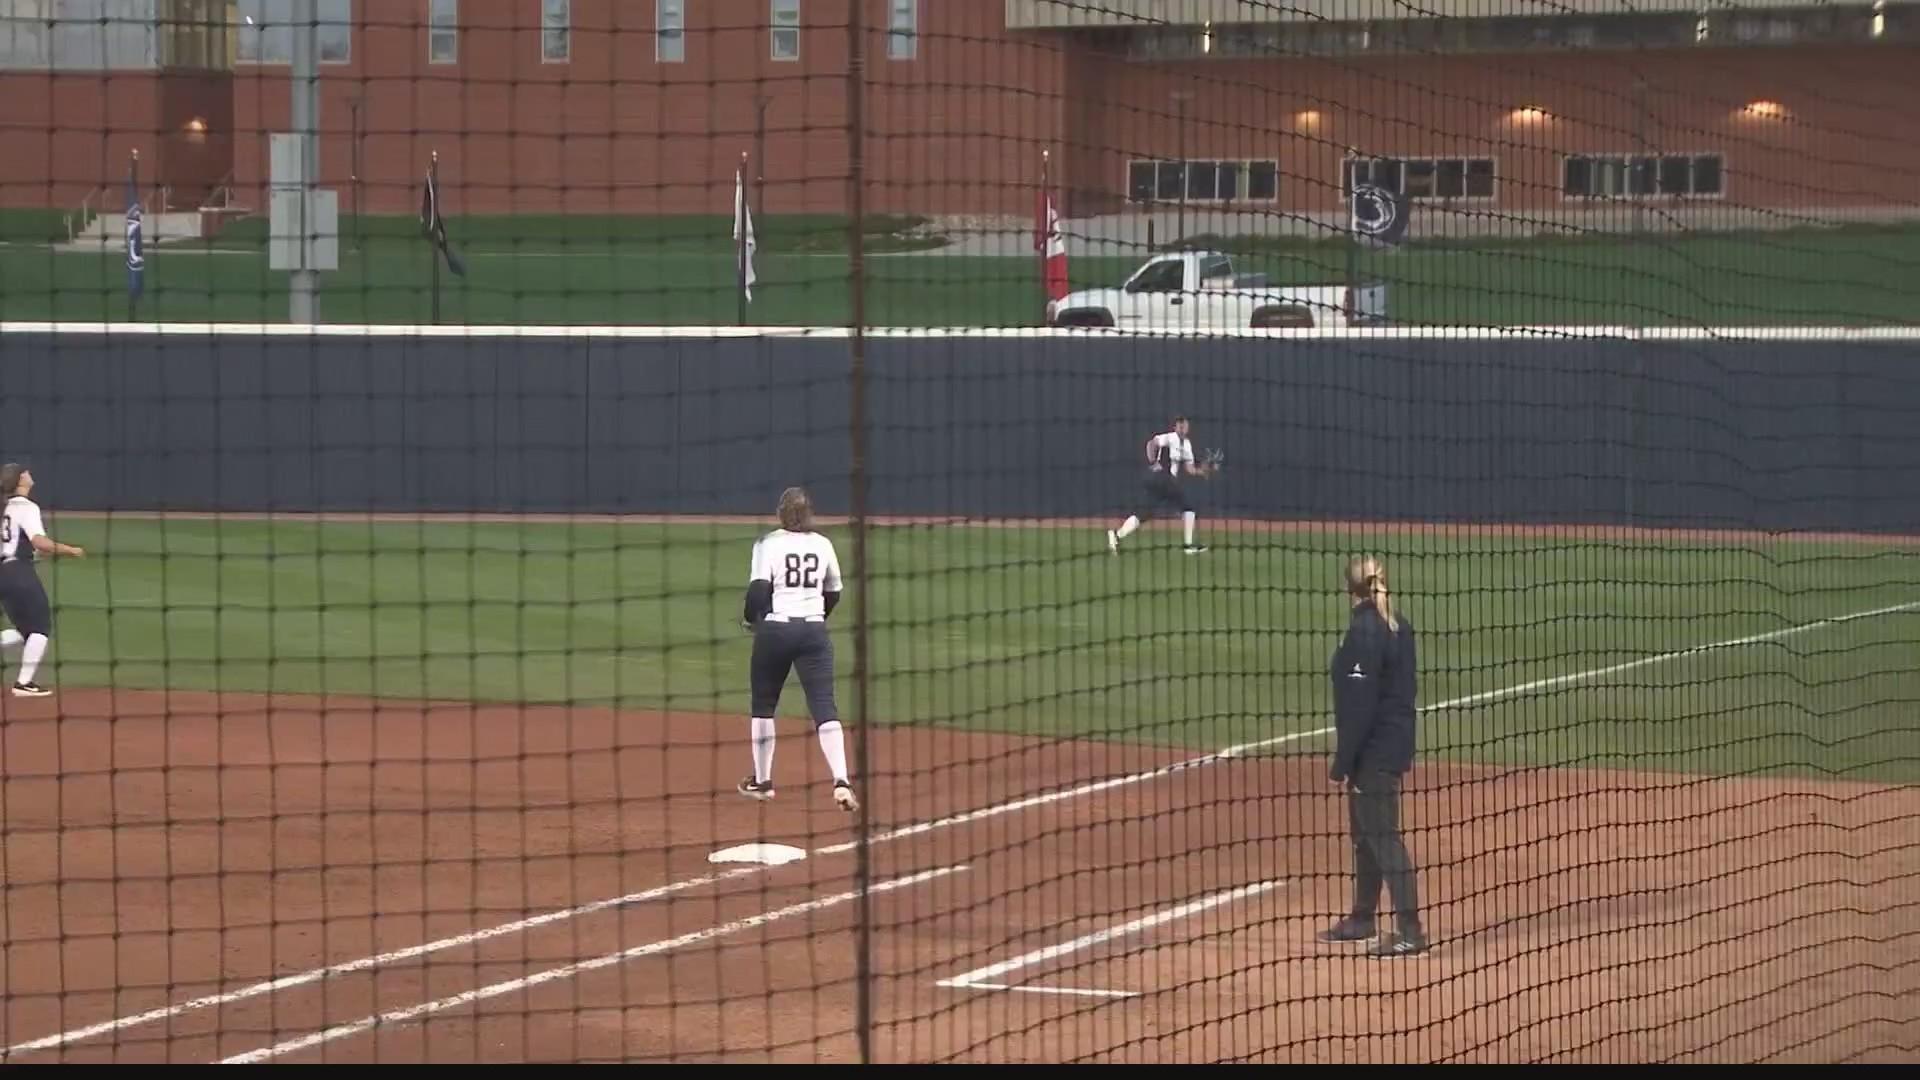 Penn_State_softball_walks_off_Bucknell_t_0_20190425033615